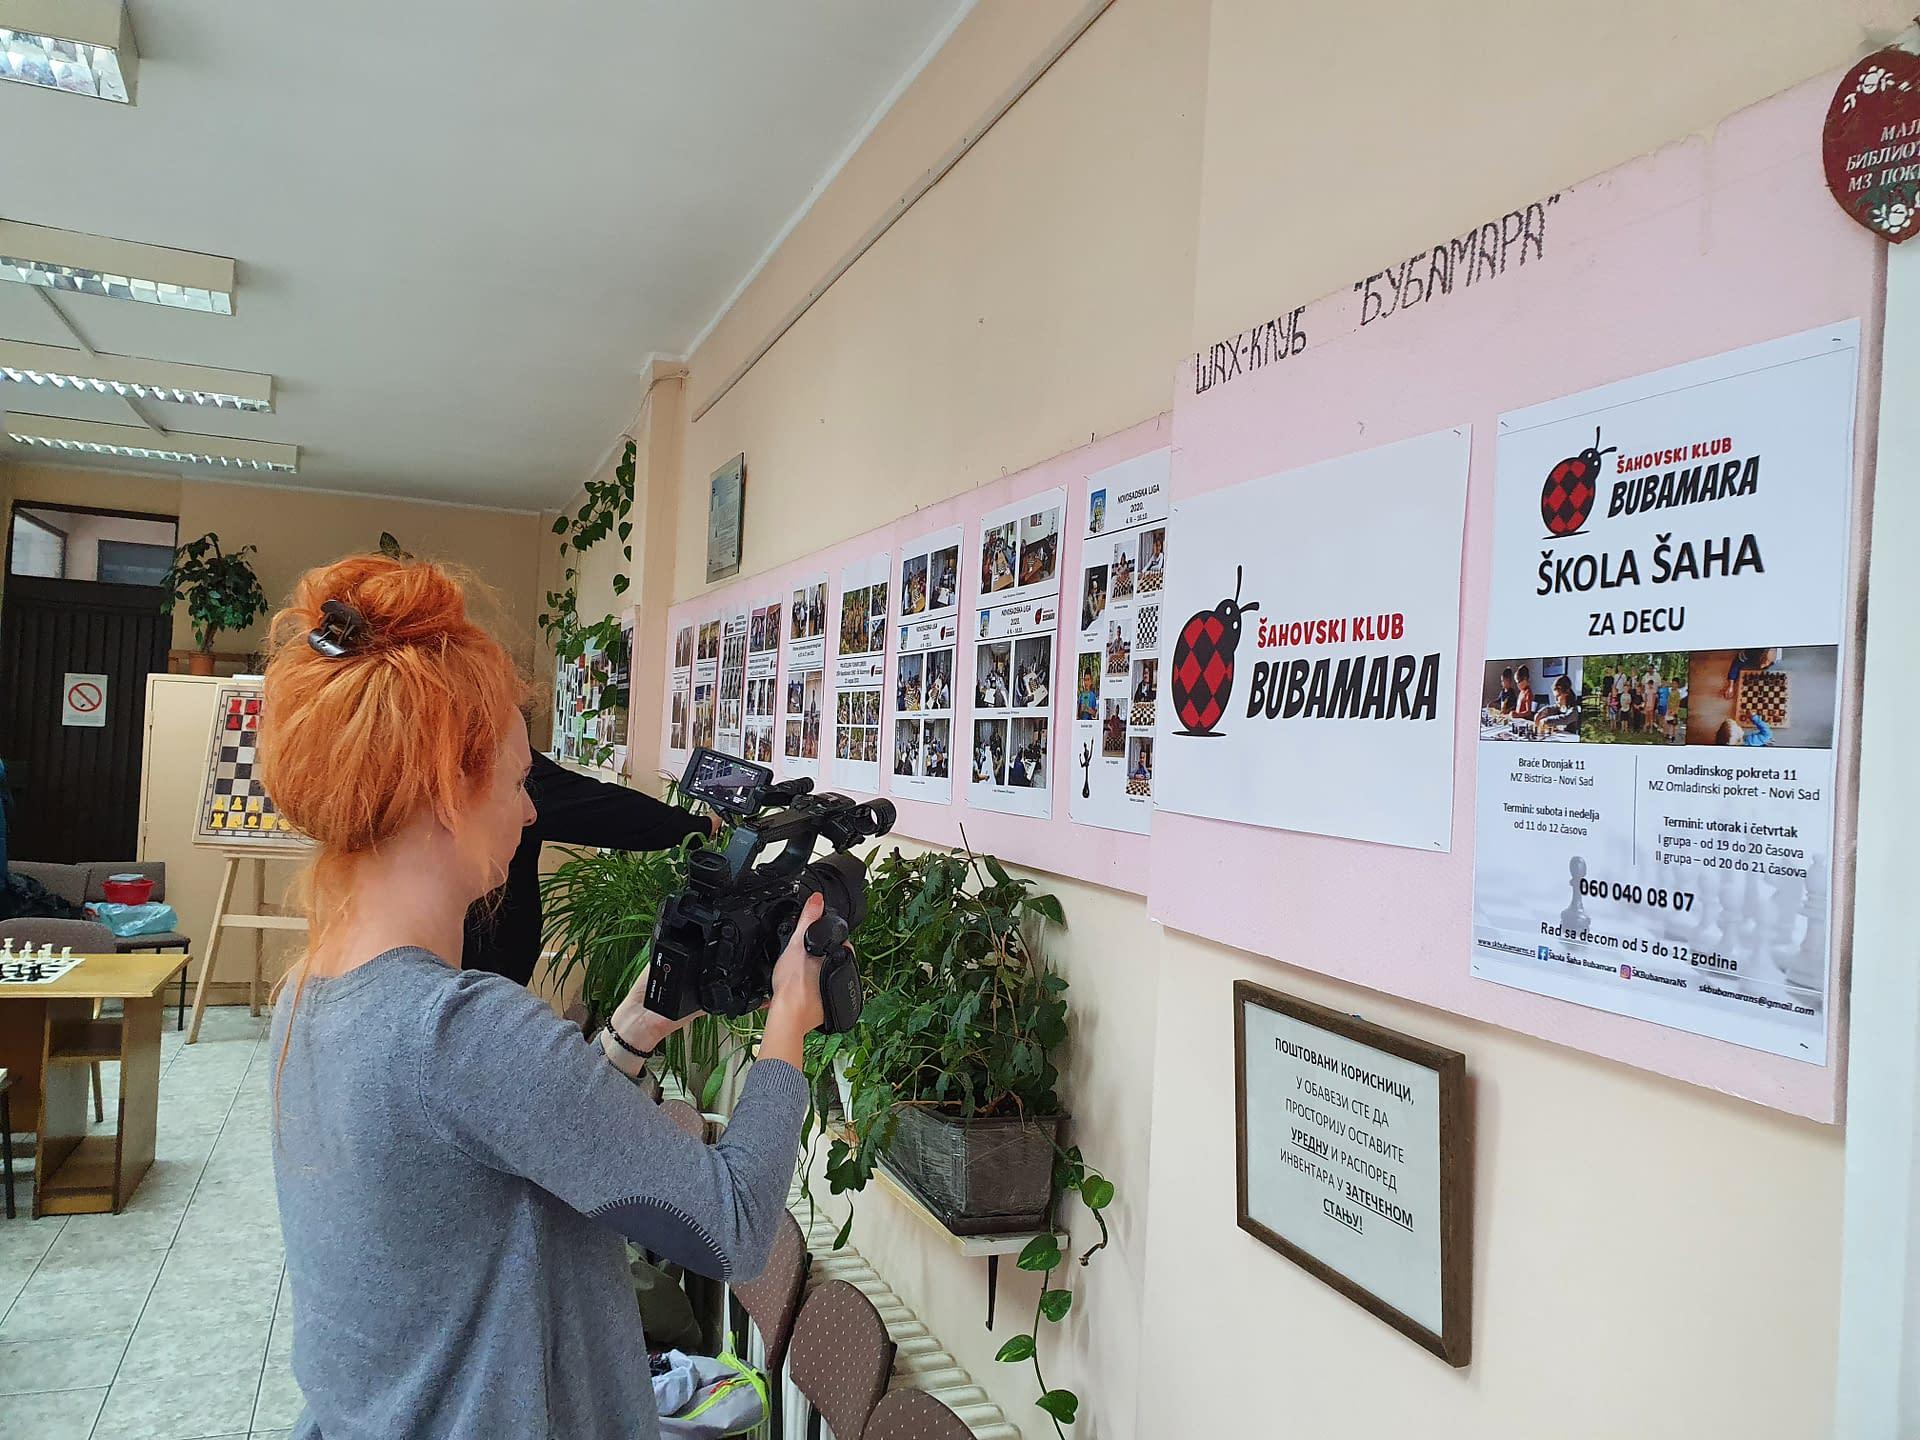 Školu šaha Bubamara posetila TV ekipa – 17.10.2020.